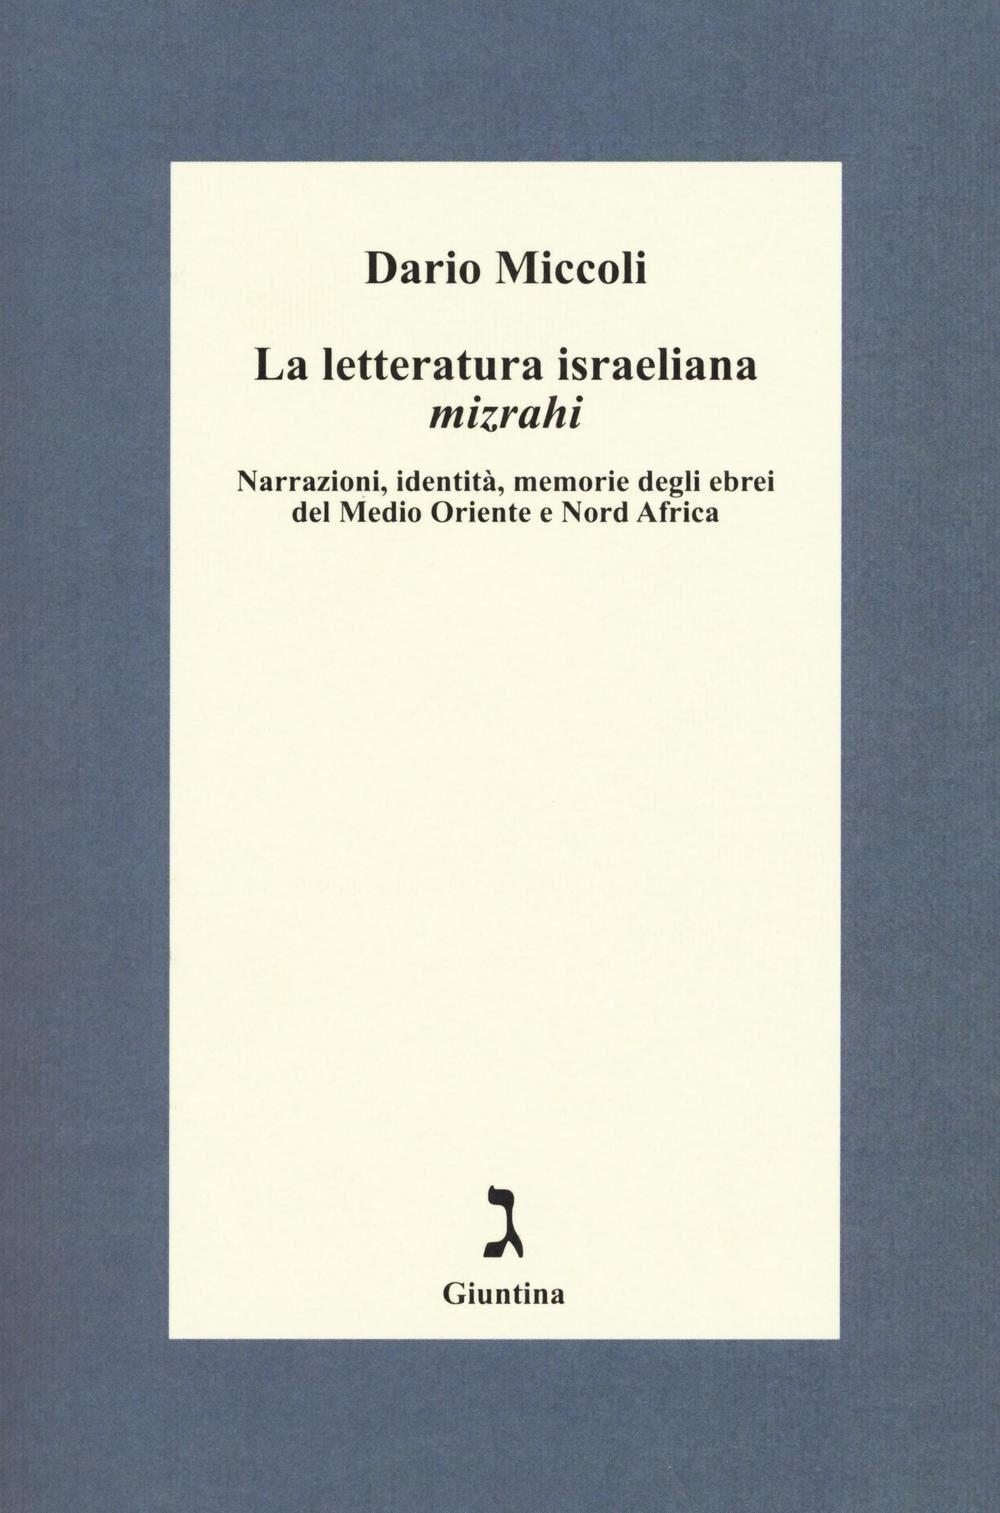 La letteratura israeliana mizrahi. Narrazioni, identità, memorie degli ebrei del Medio Oriente e Nord Africa